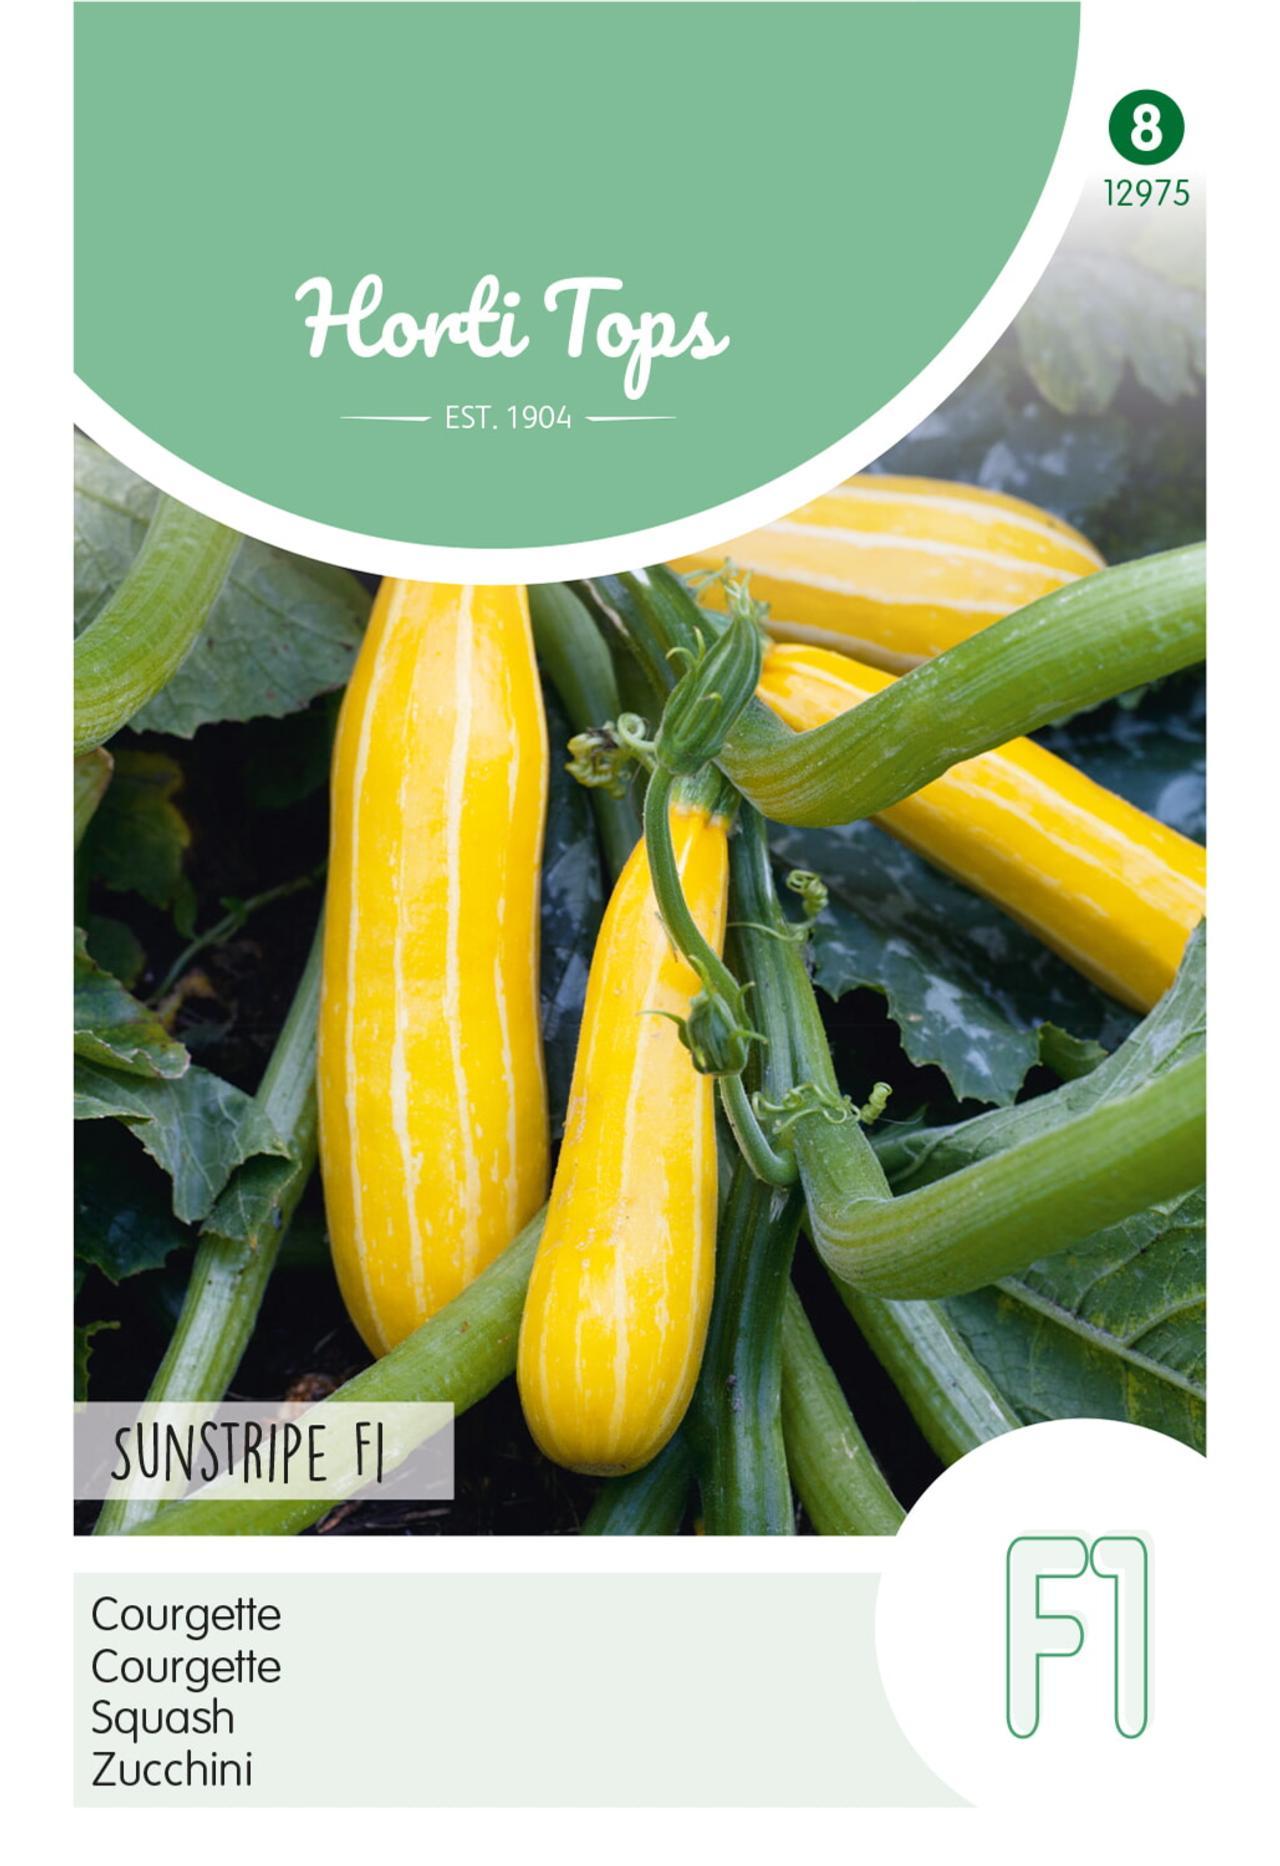 Cucurbita pepo 'Courgette Sunstripe F1' plant